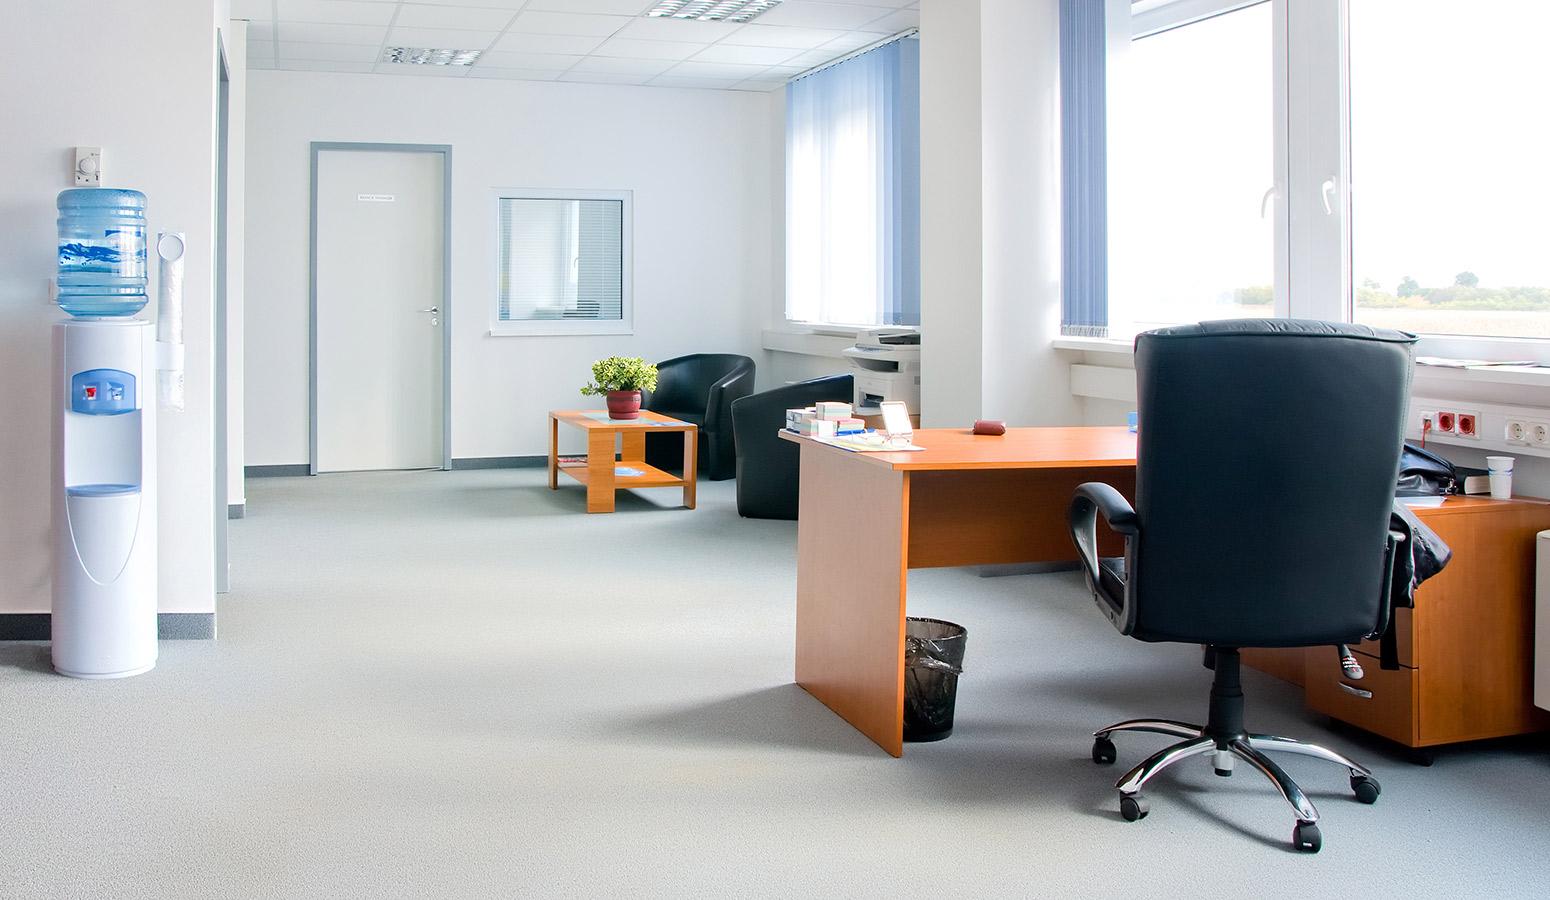 Serviços de limpeza de escritórios evitam doenças de inverno